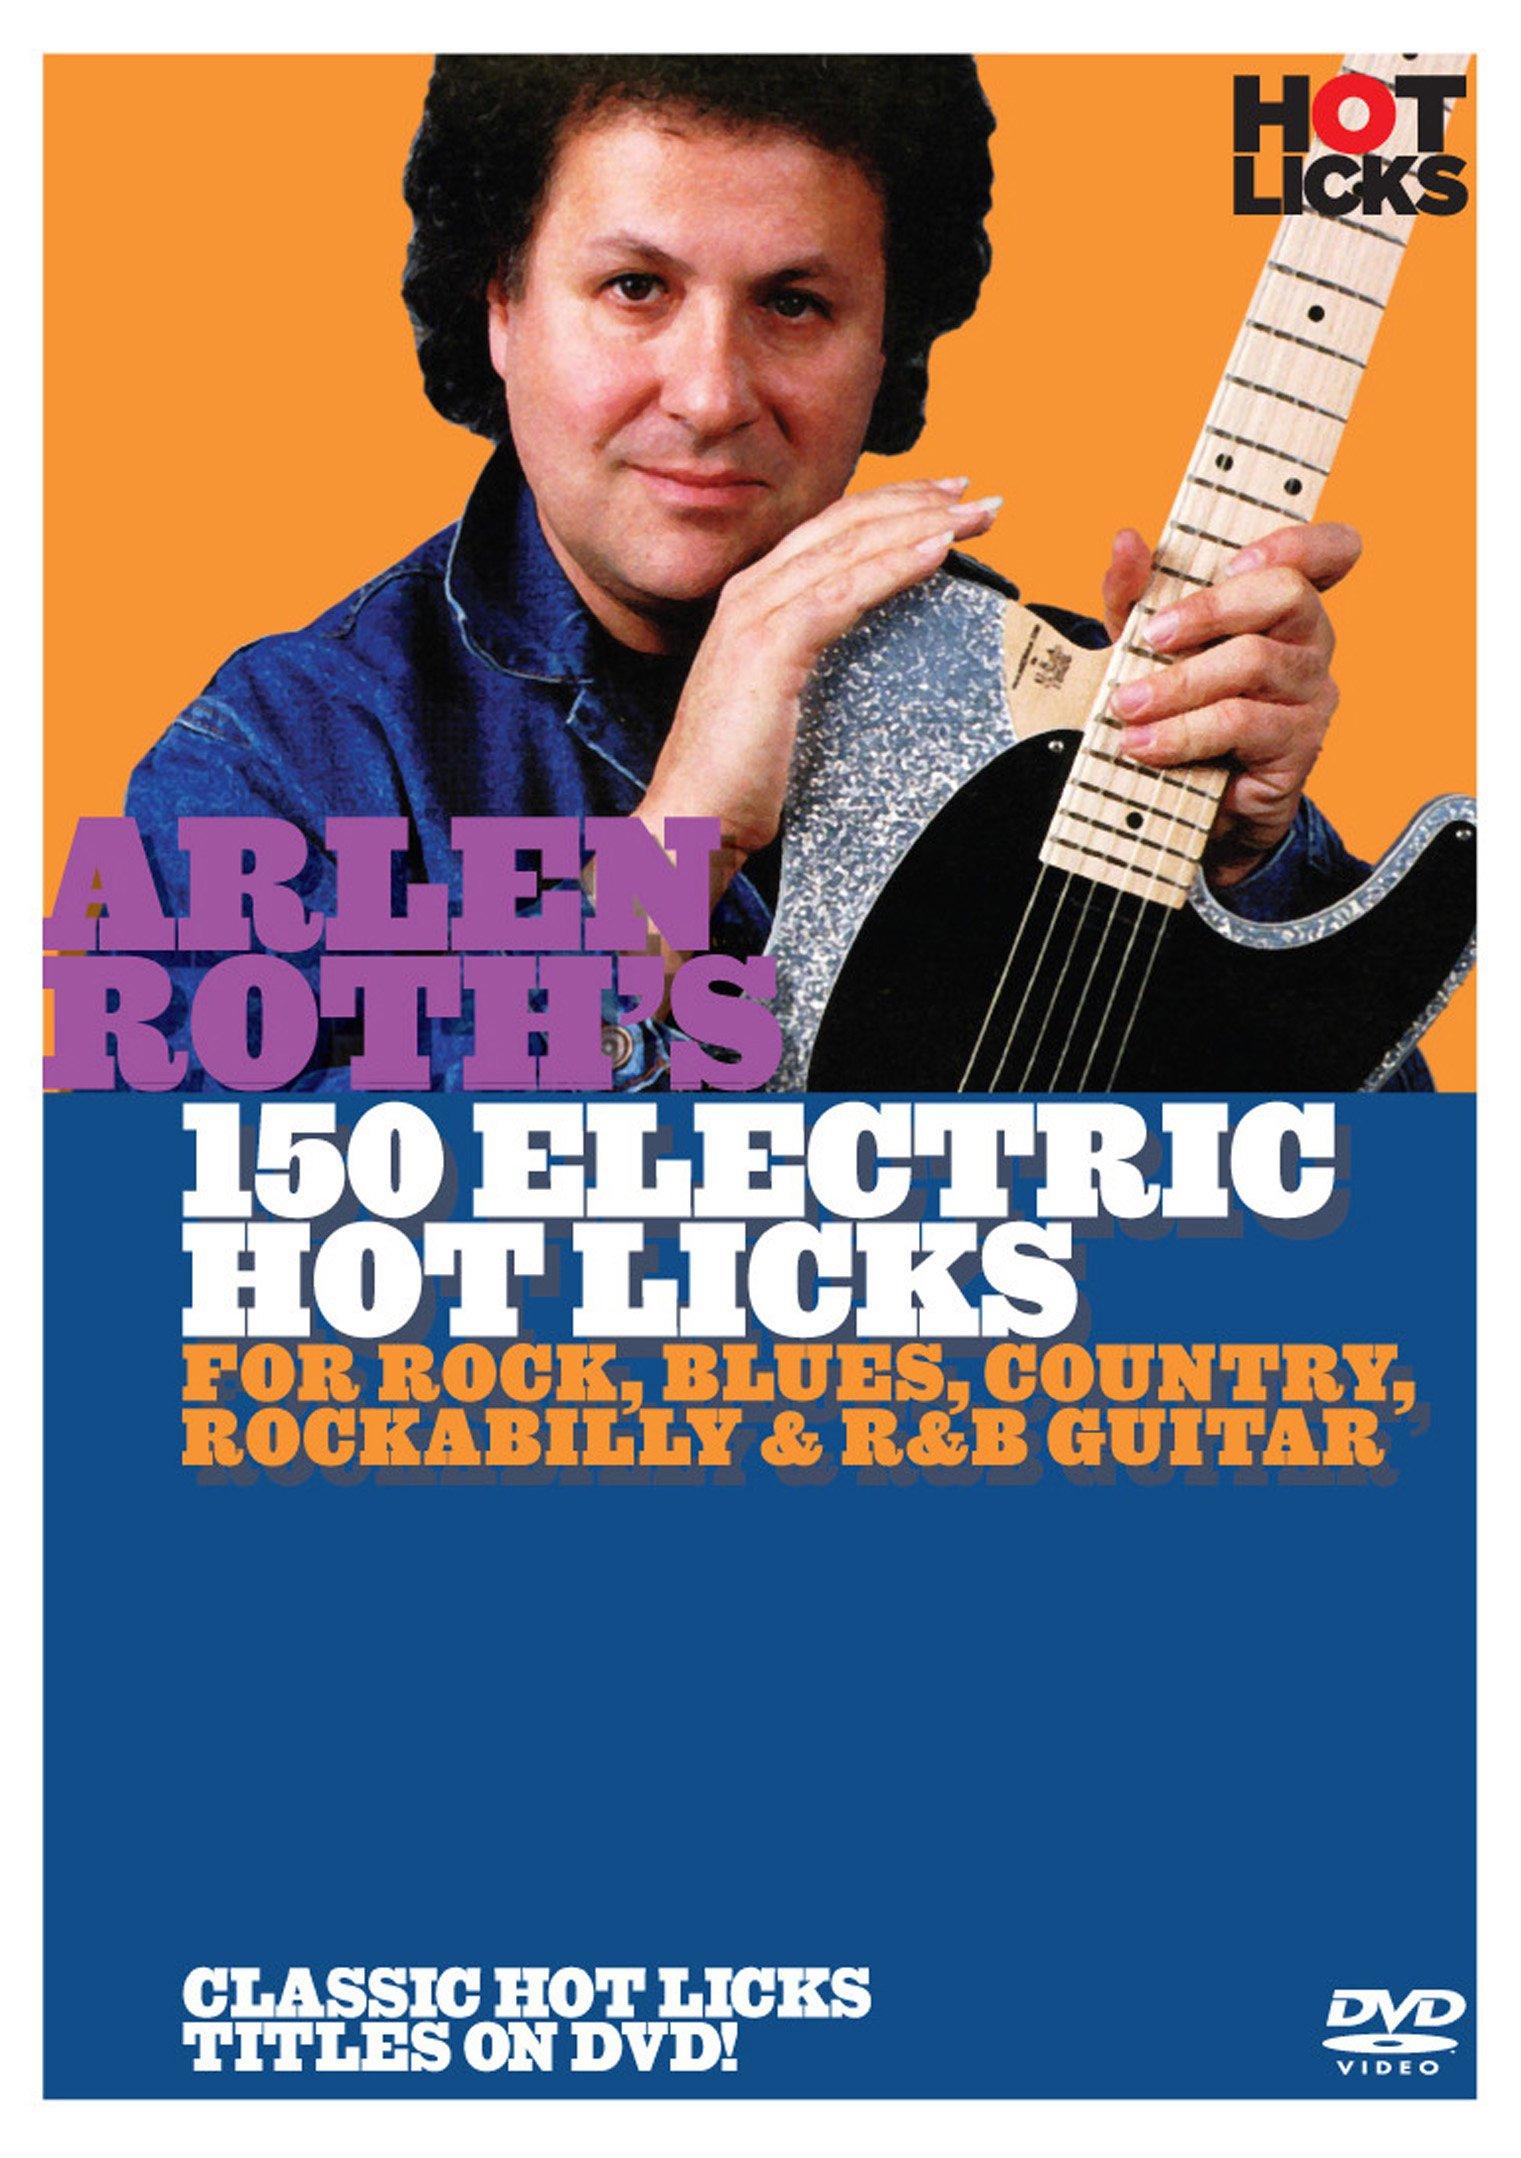 Hot Licks: Arlen Roth'S 150 Electric Hot Licks [Edizione: Regno Unito]